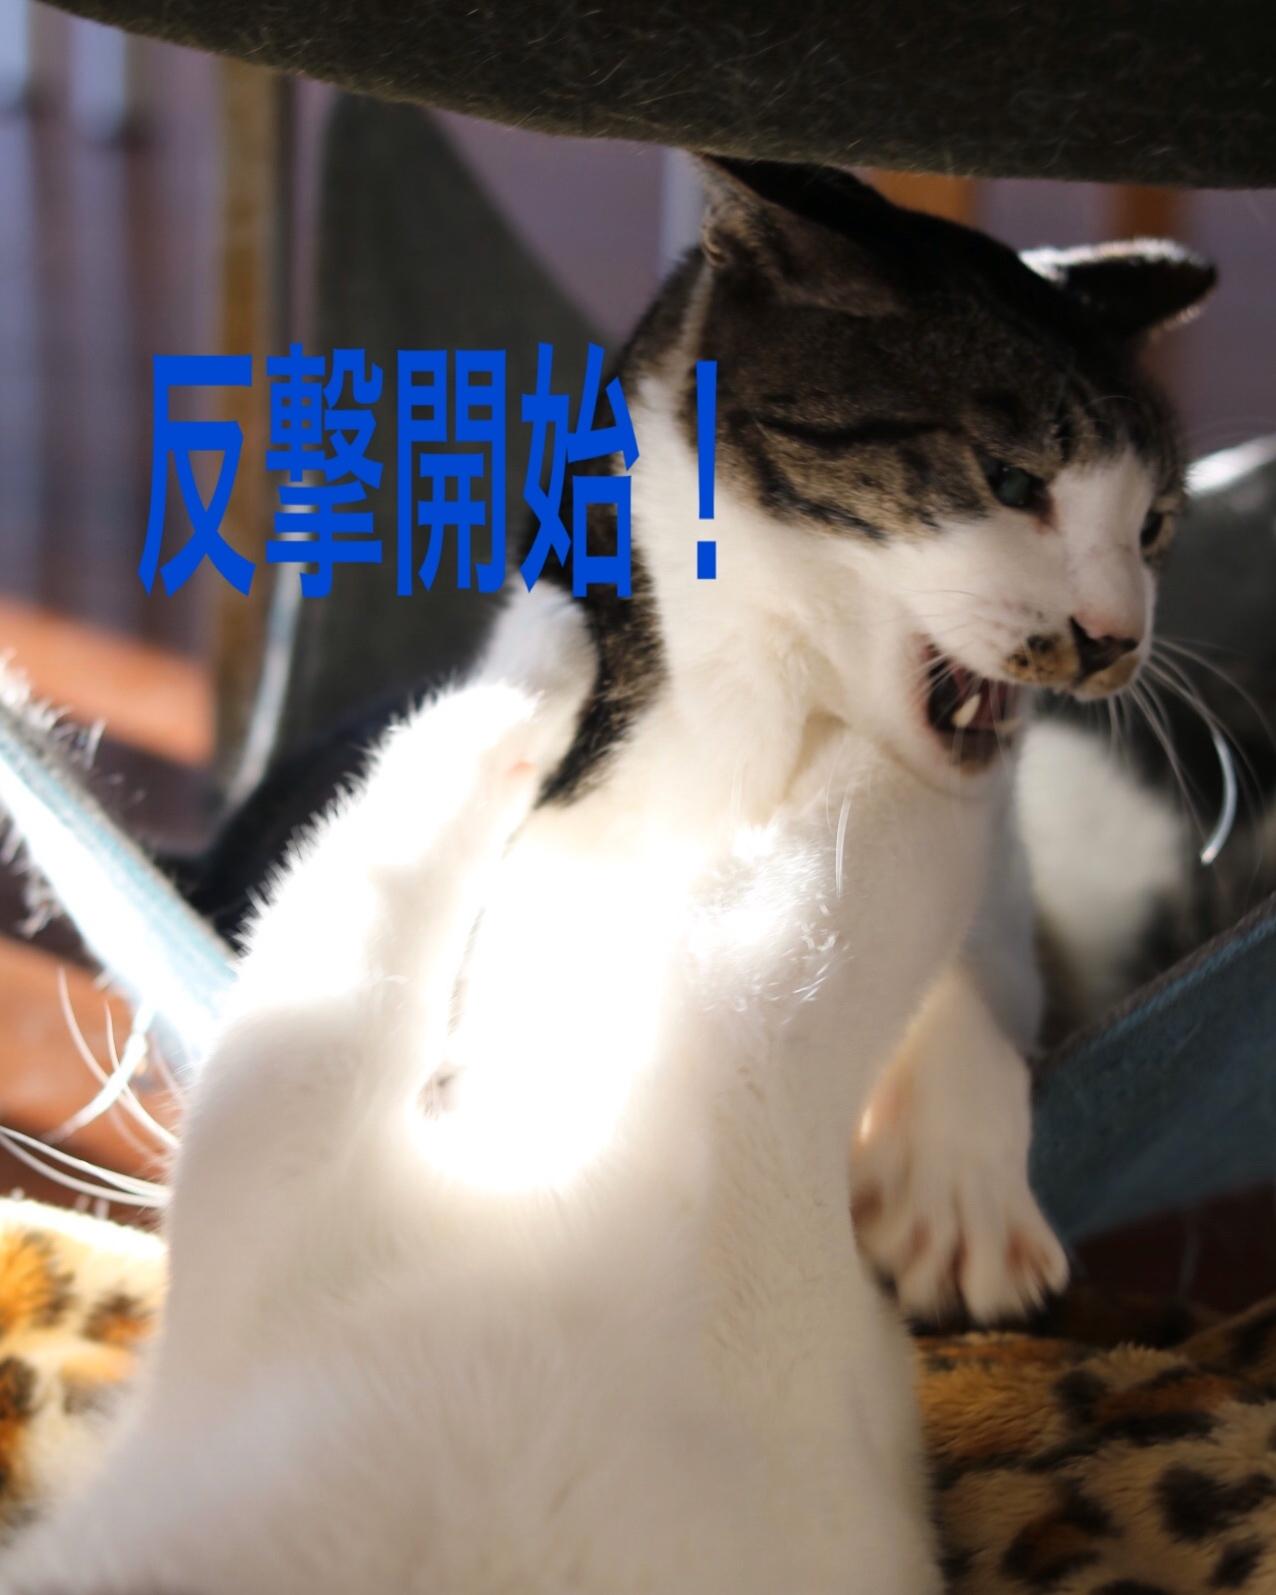 にゃんこ劇場「兄弟げんか」_c0366722_15590146.jpeg